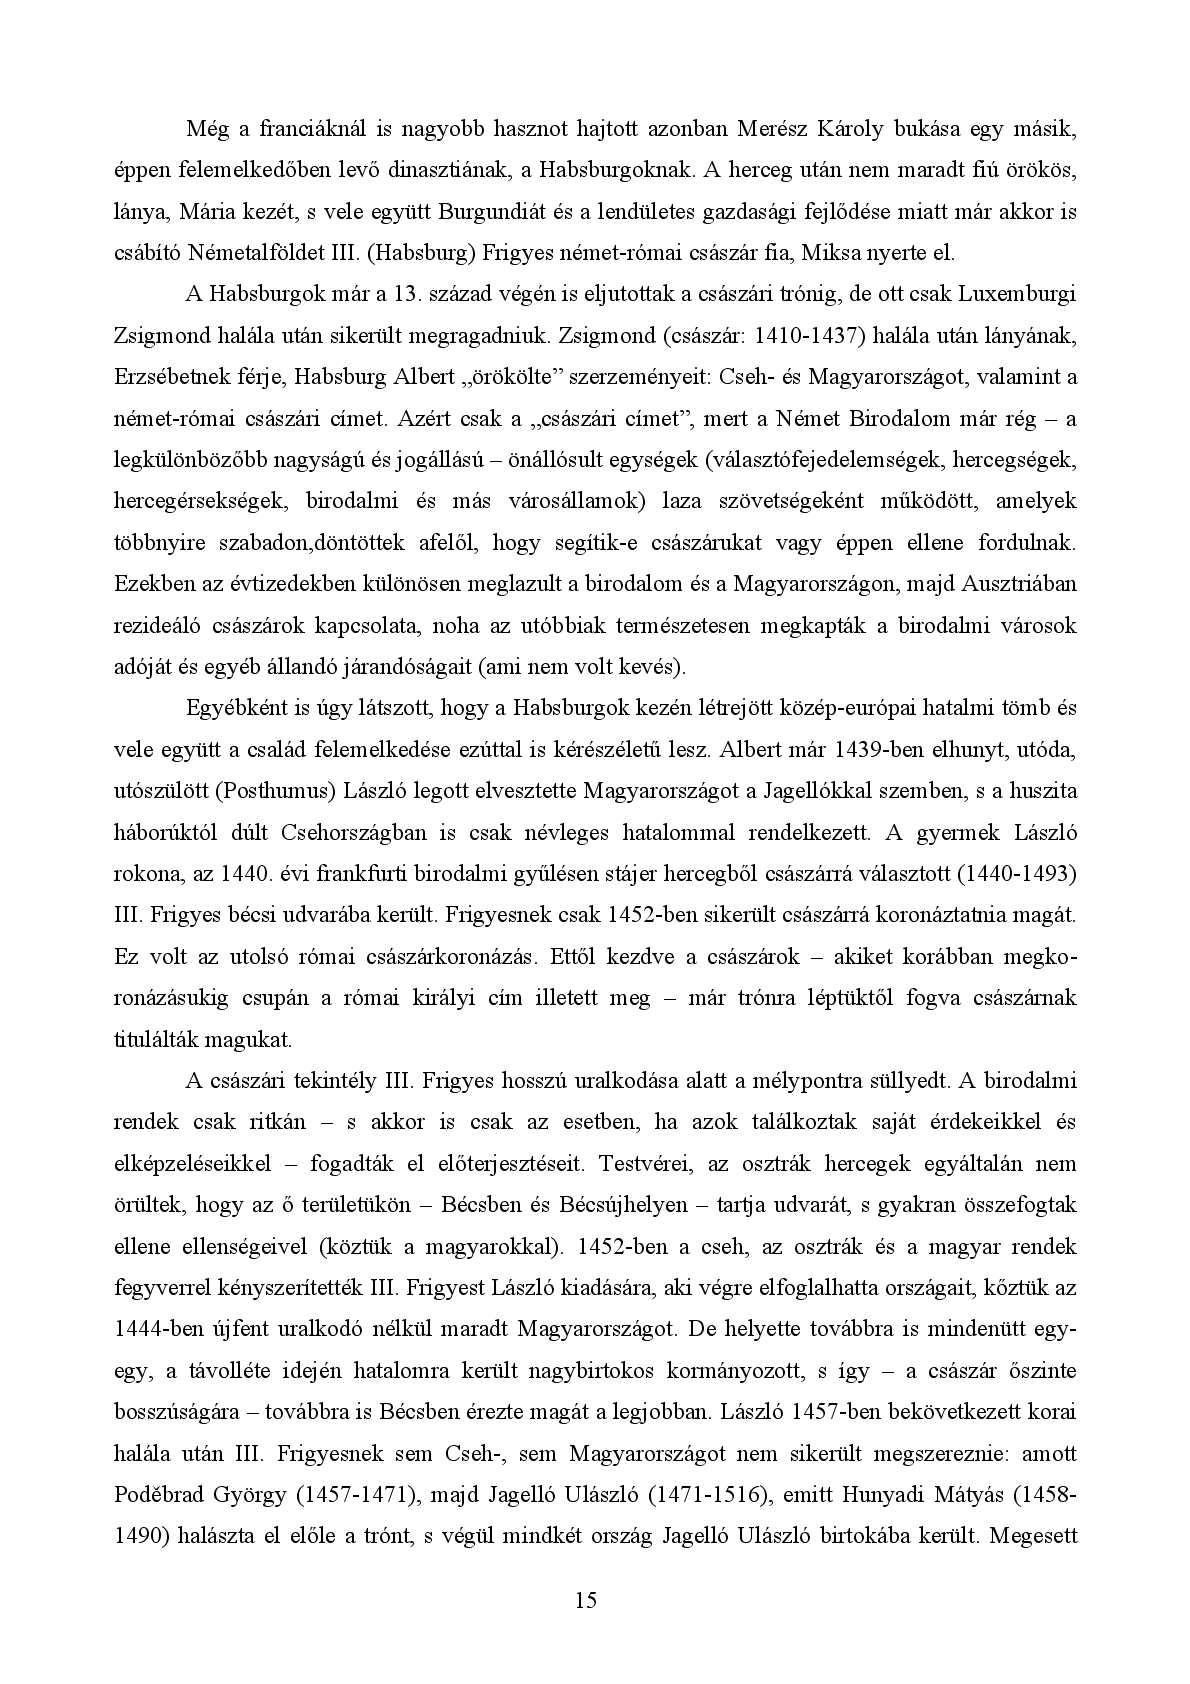 A Magyar Ferences Könyvtár szerkezete